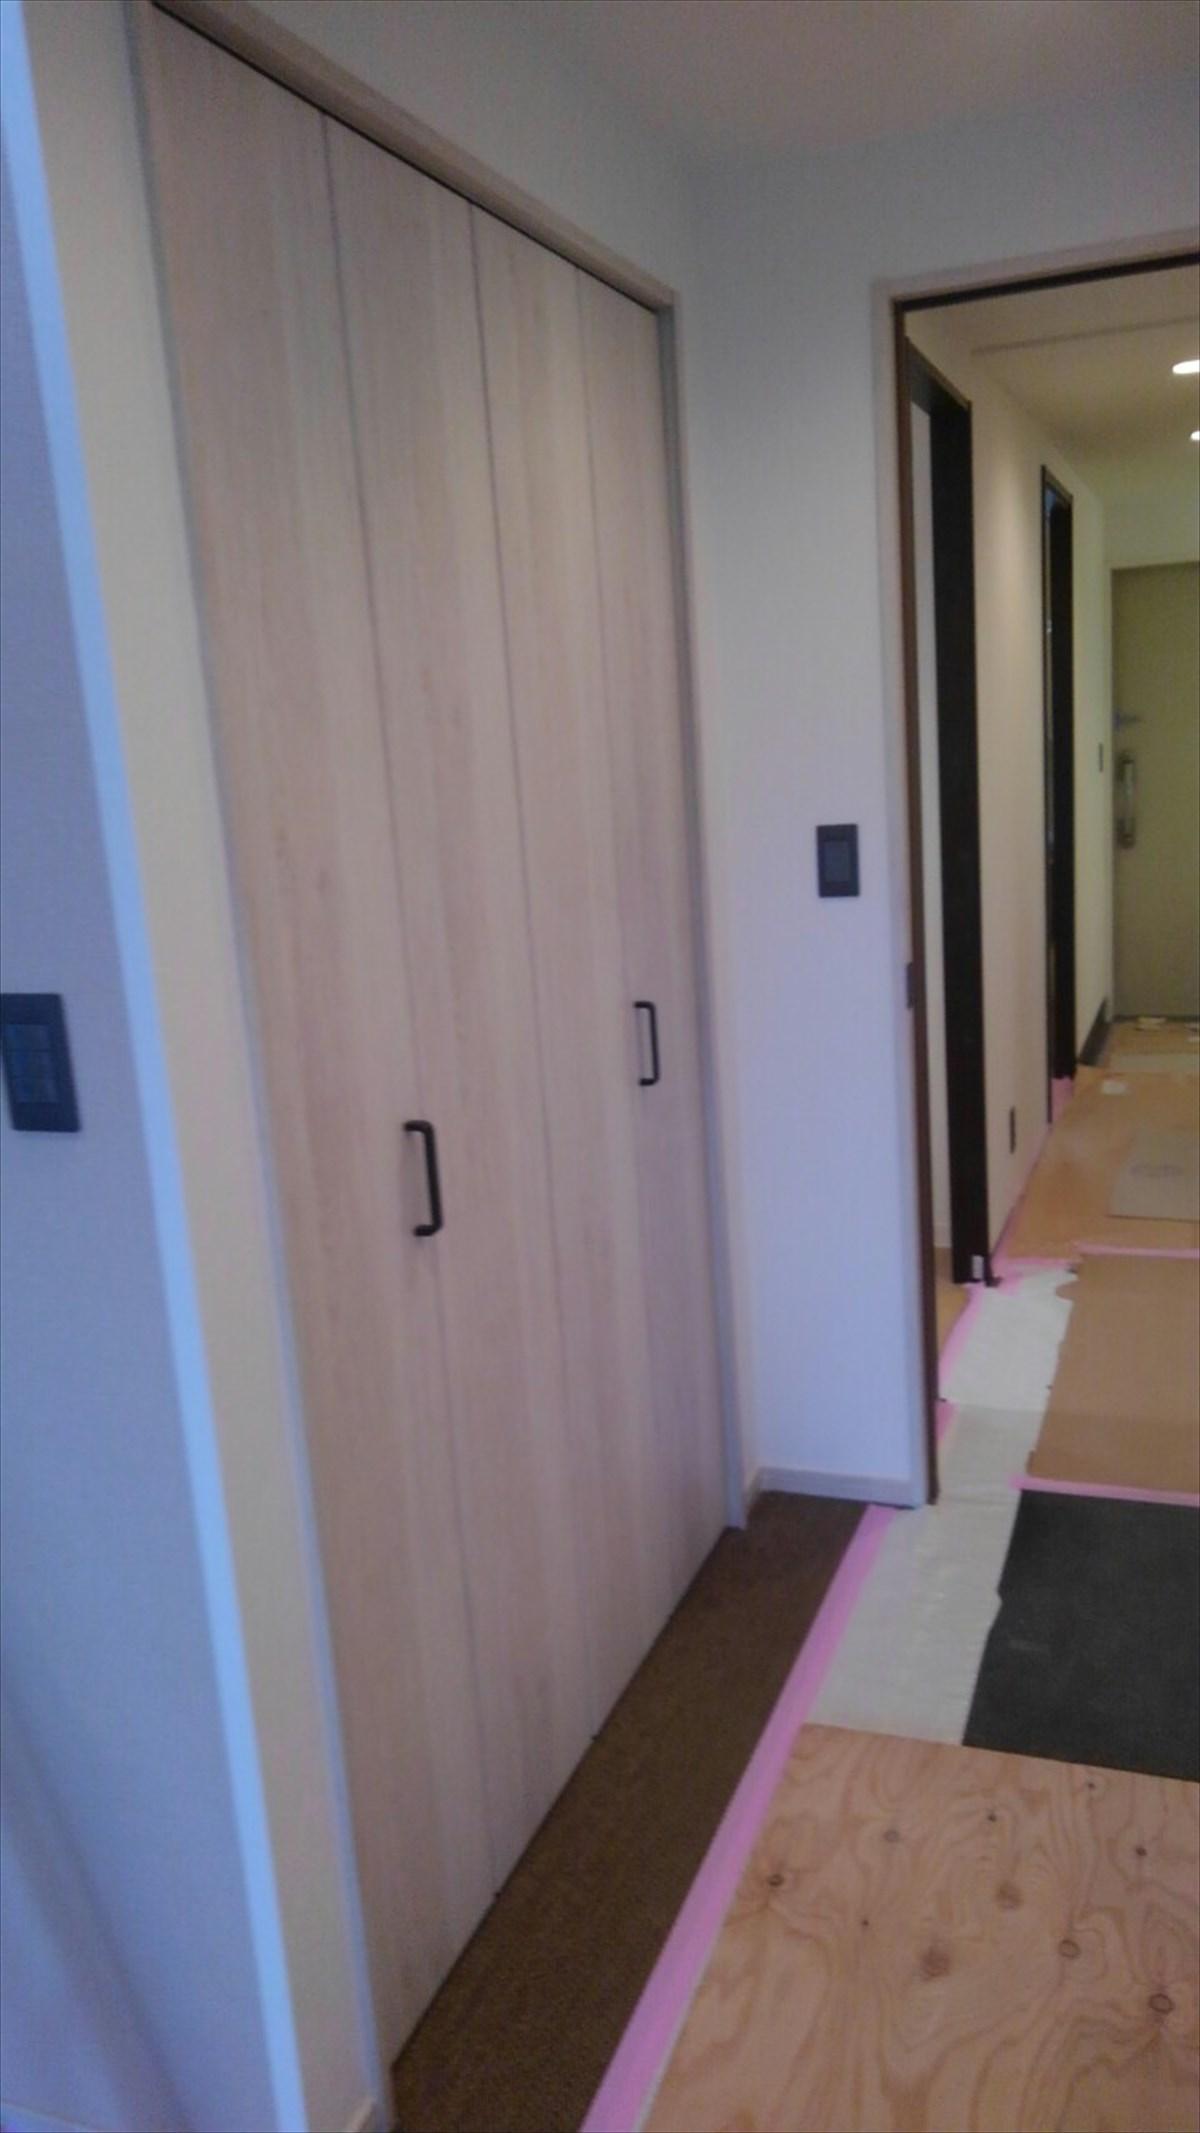 リビング内にある可動棚と扉付きの収納 リノベーション横浜